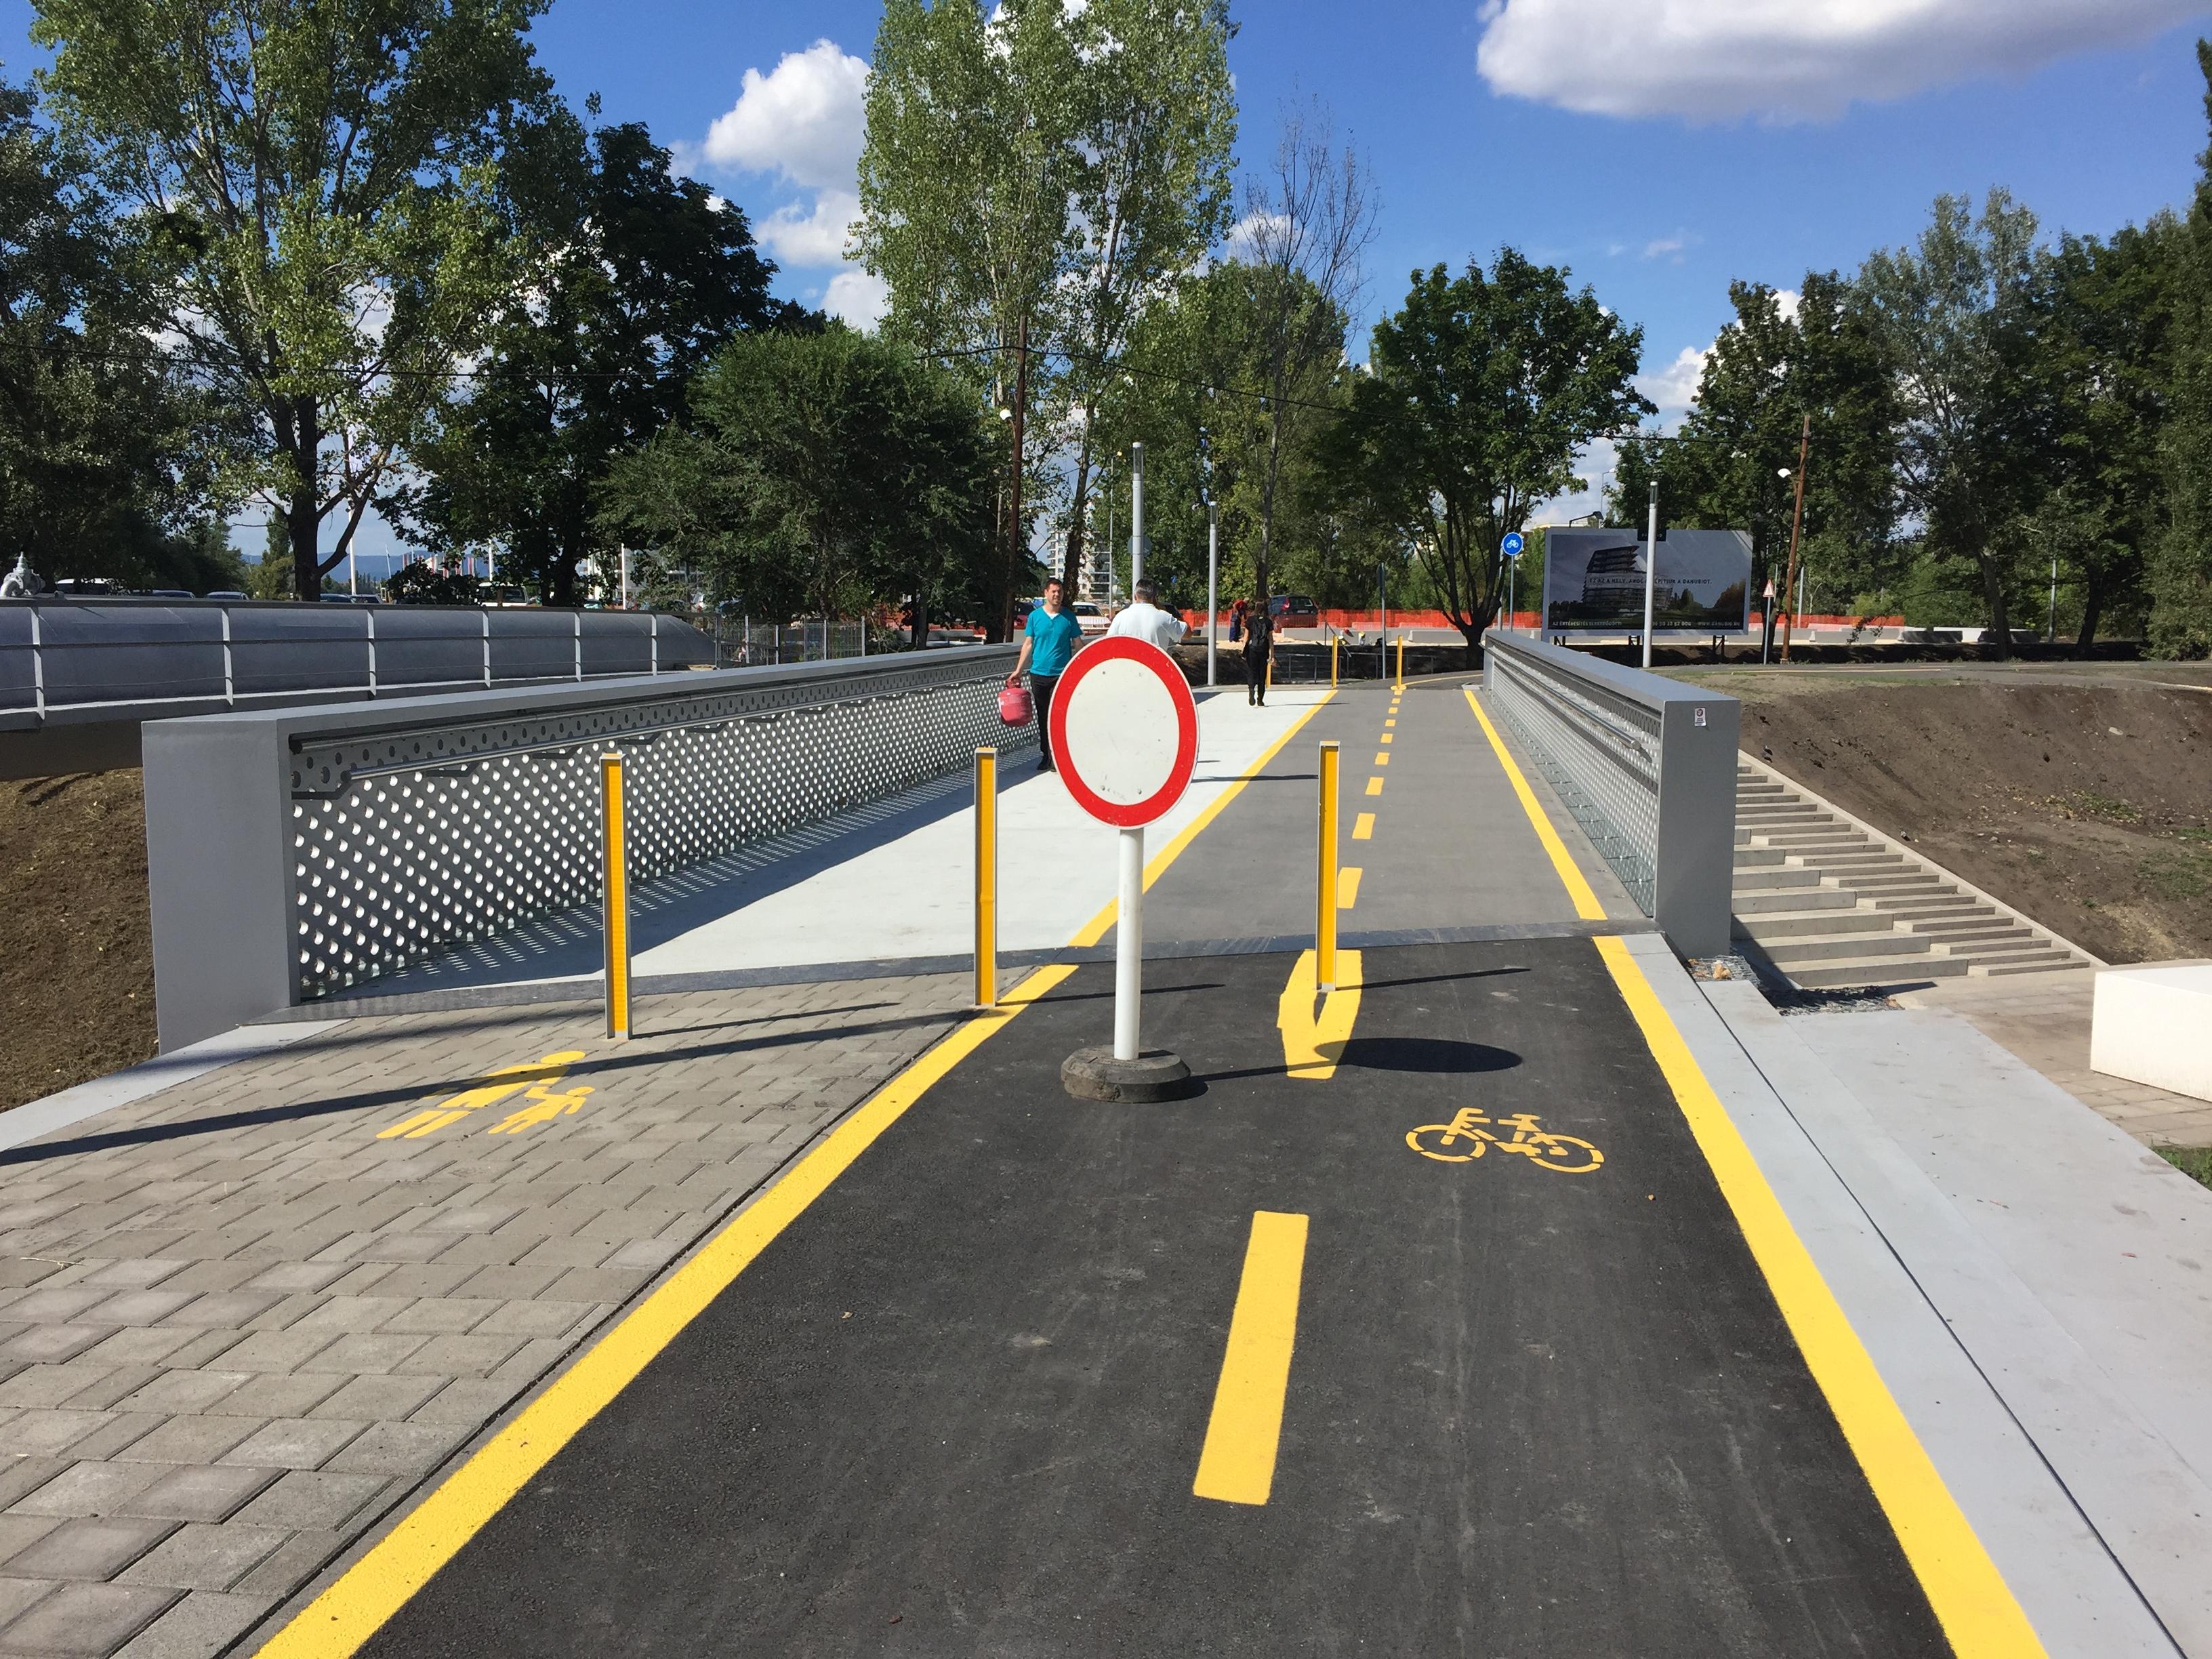 Tilos biciklizni a vizes vb-re épült biciklihídon, aminek egyébként sincs semmi értelme